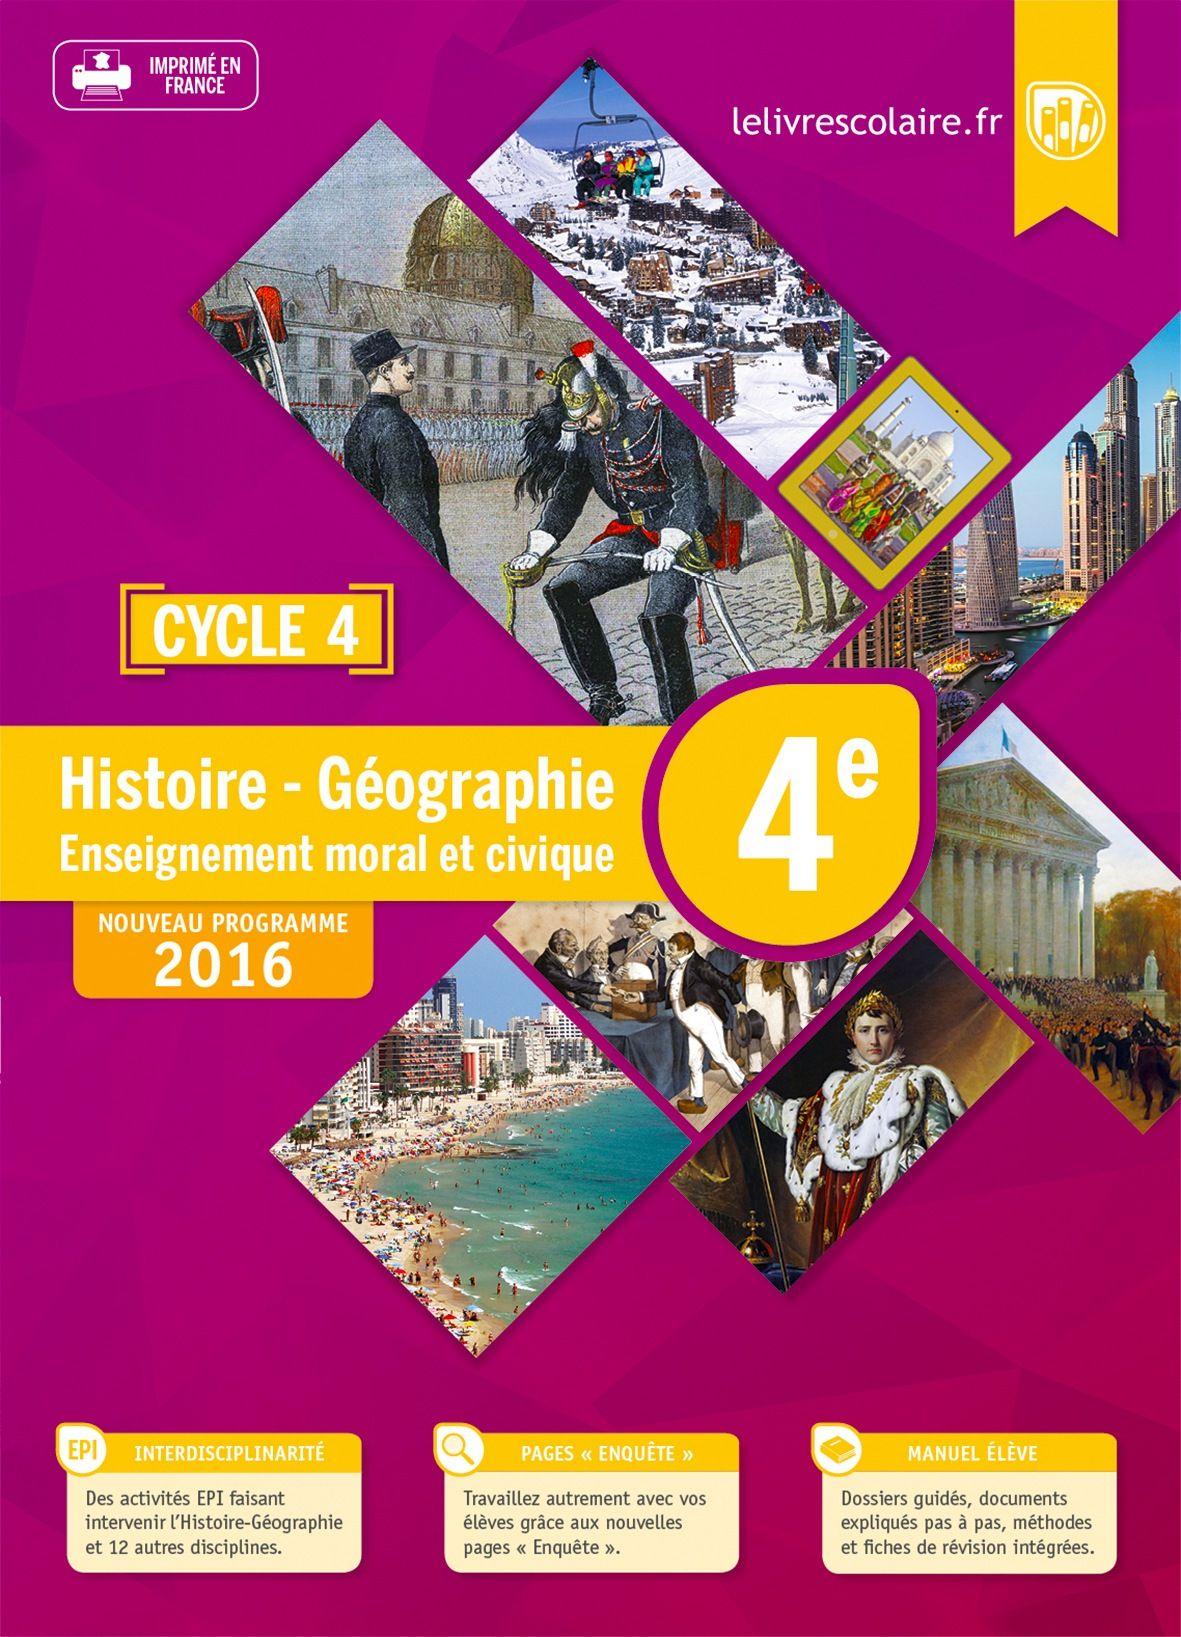 Le Livre Scolaire Histoire 4e : livre, scolaire, histoire, Manuel, Histoire-Géographie-EMC, Lelivrescolaire.fr